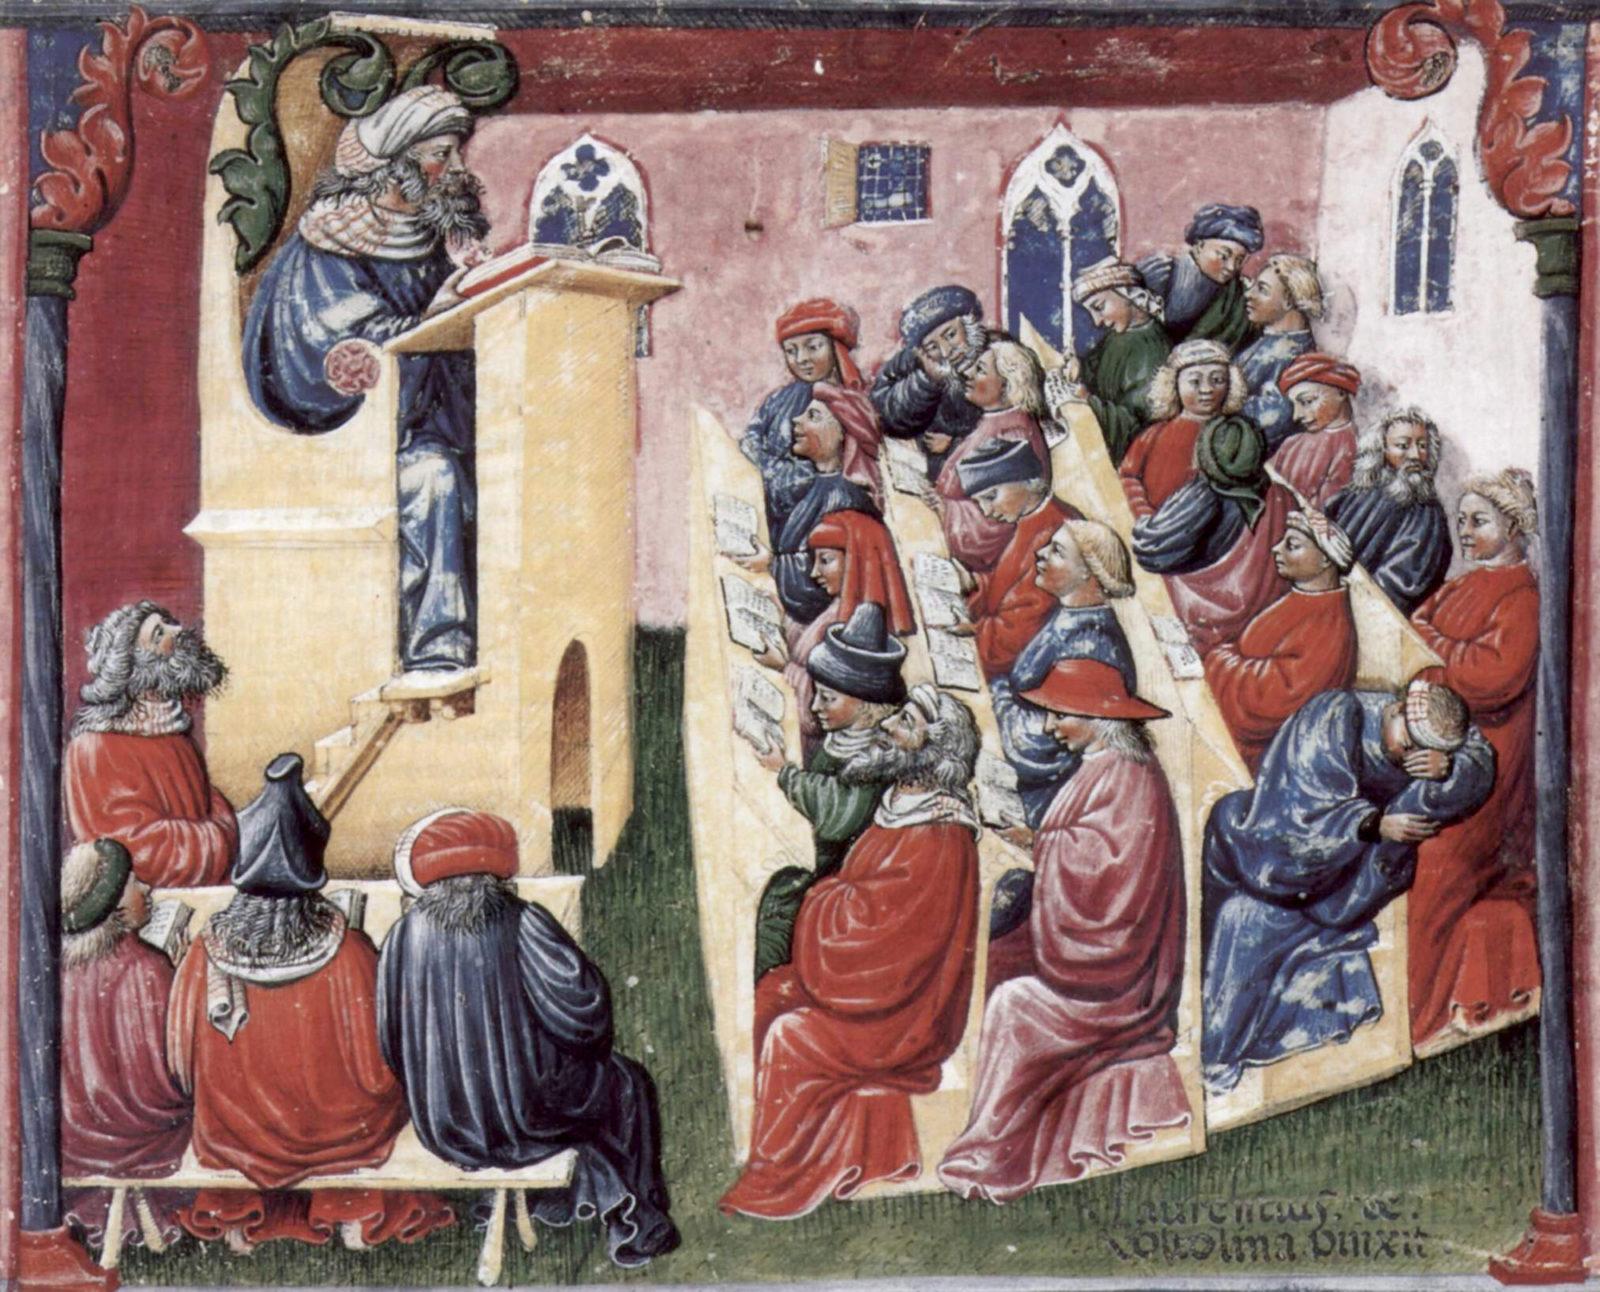 Laurentius_de_Voltolina_-onderwijspioniers-collegezaal-in-de-middeleeuwen